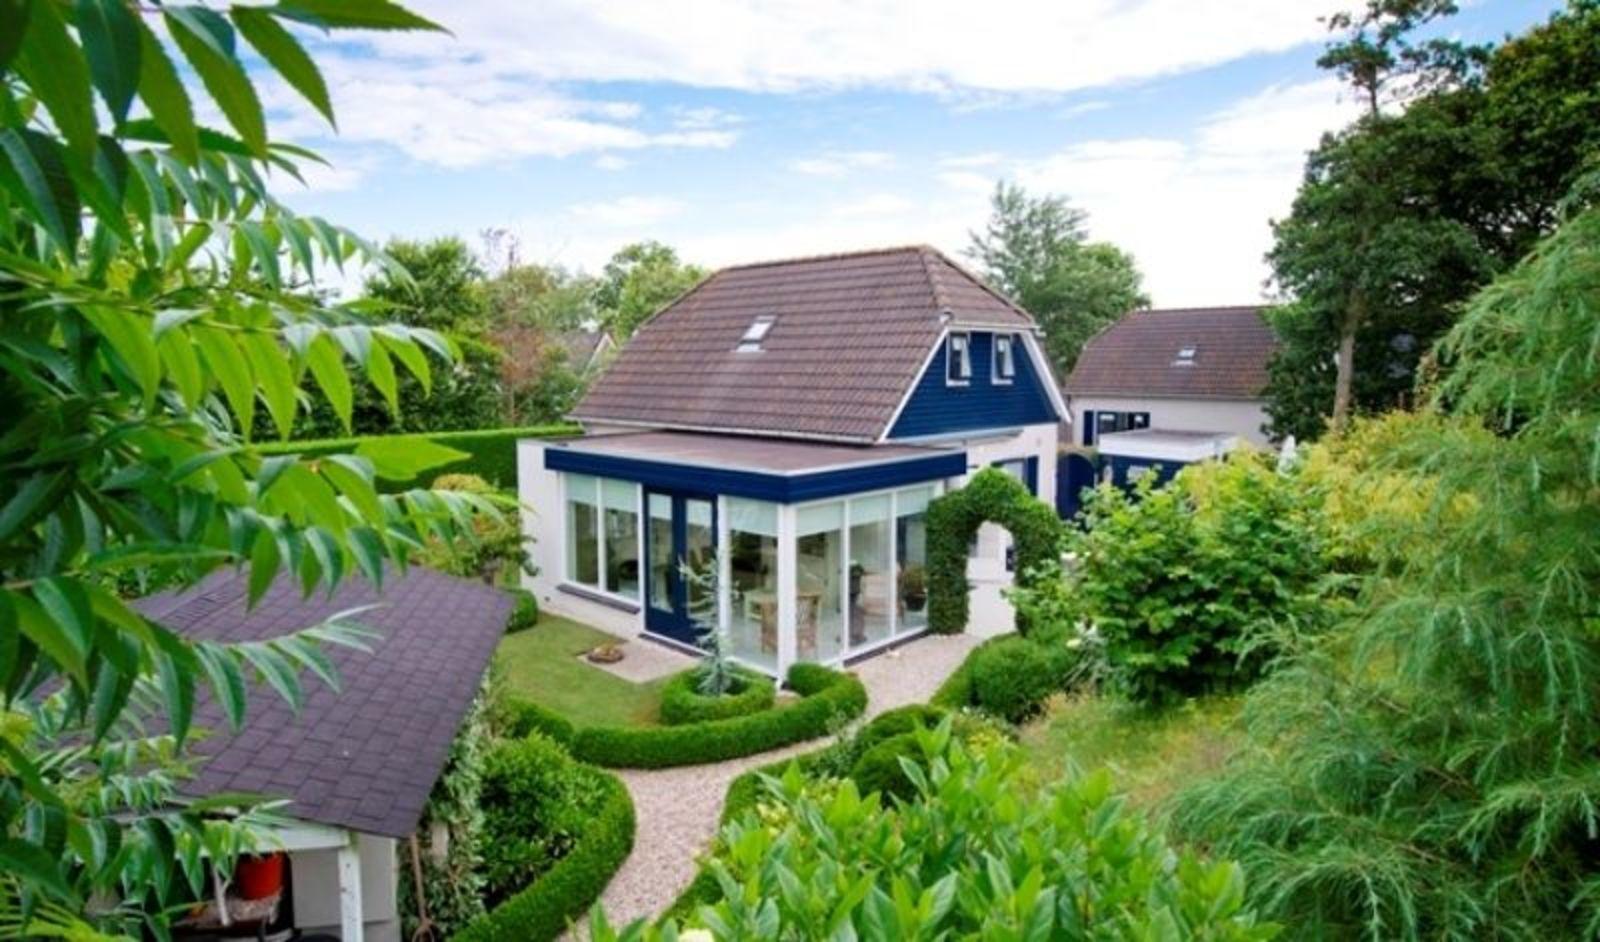 Haringvliet 135 - Noordzeepark Ouddorp